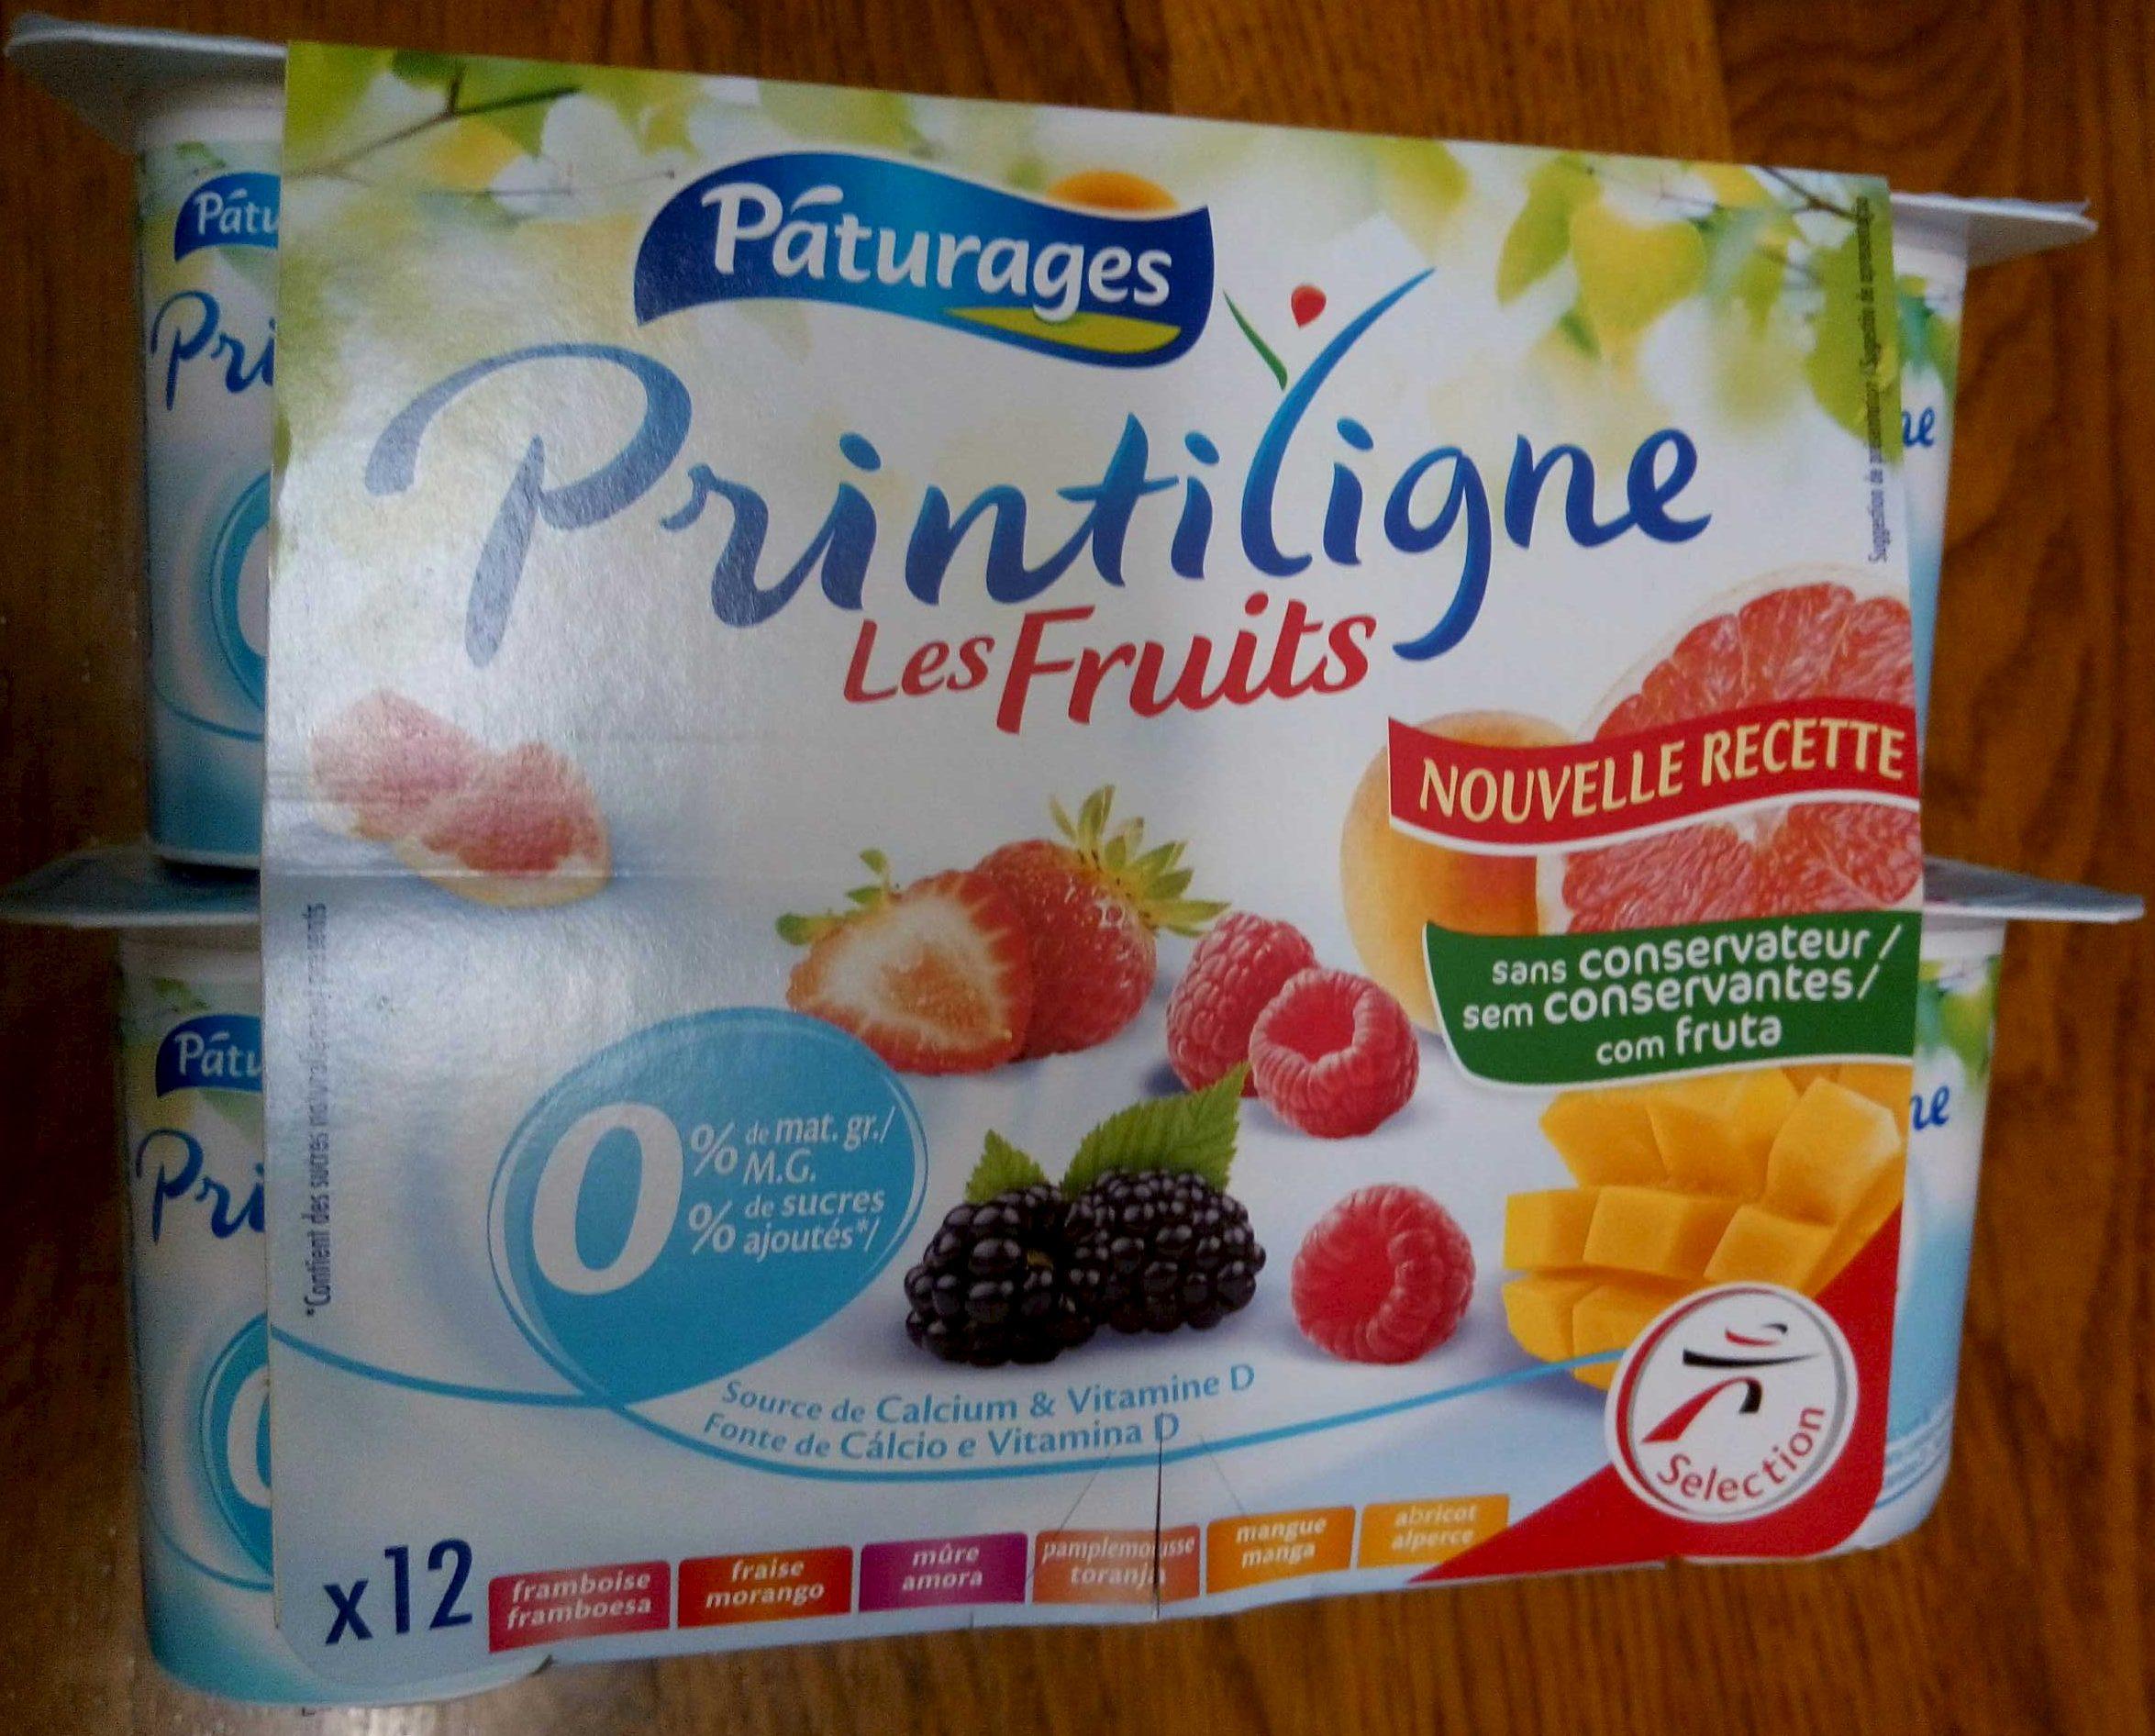 Printiligne Les Fruits (0 % M.G.) - Produit - fr